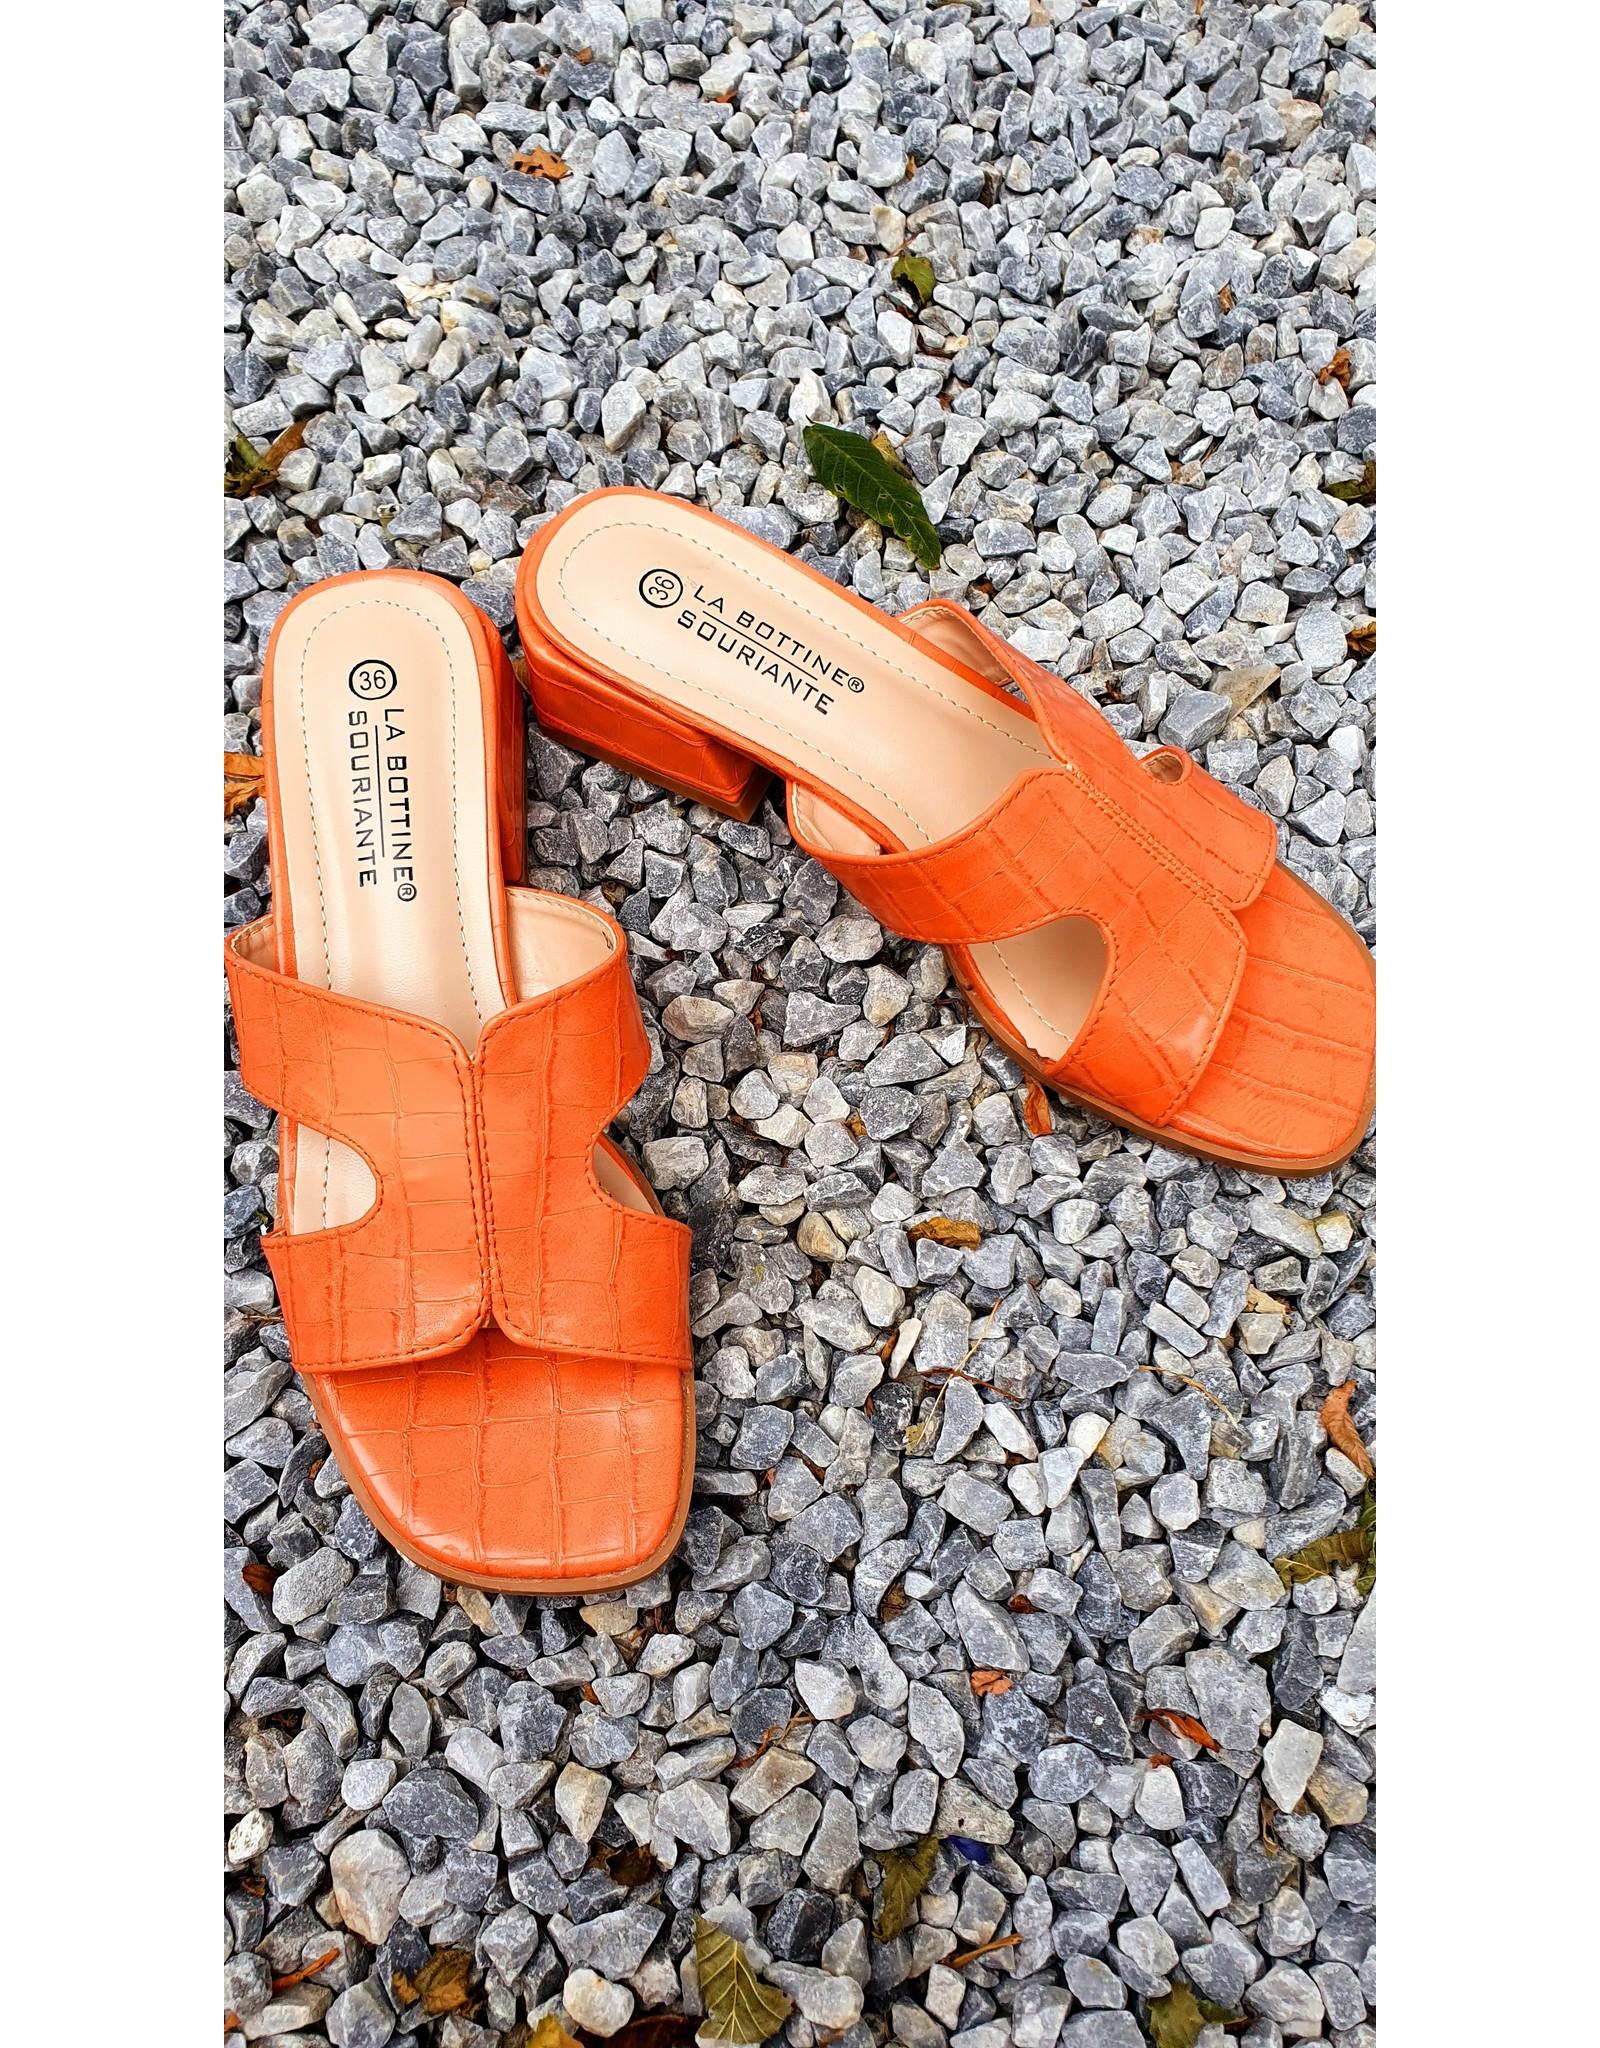 Peachy croco slipper